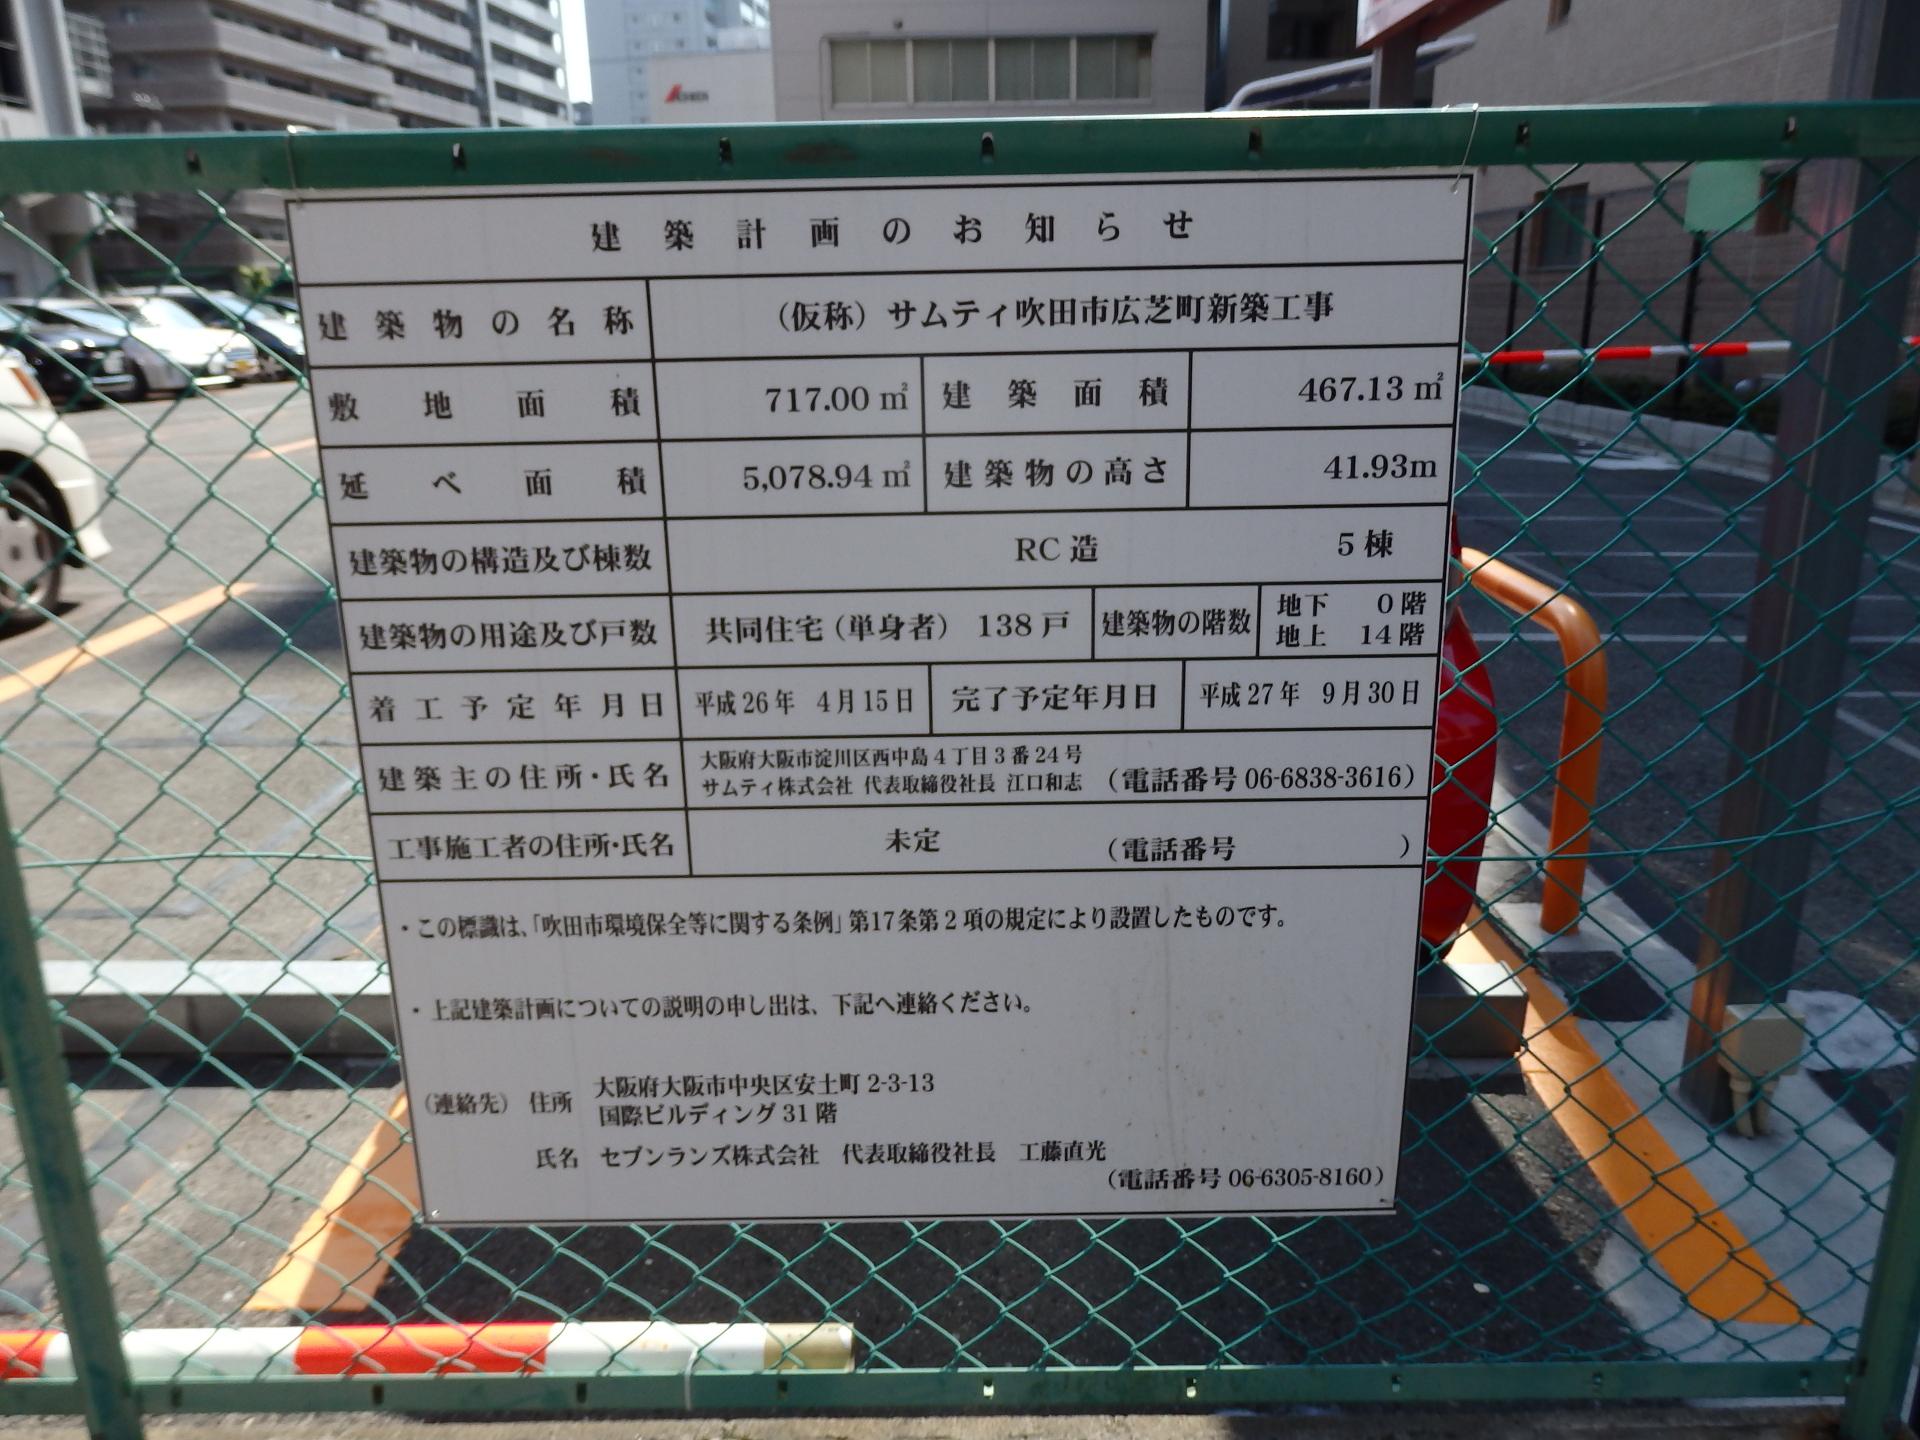 サムティ単身者用マンション建設の告知看板。